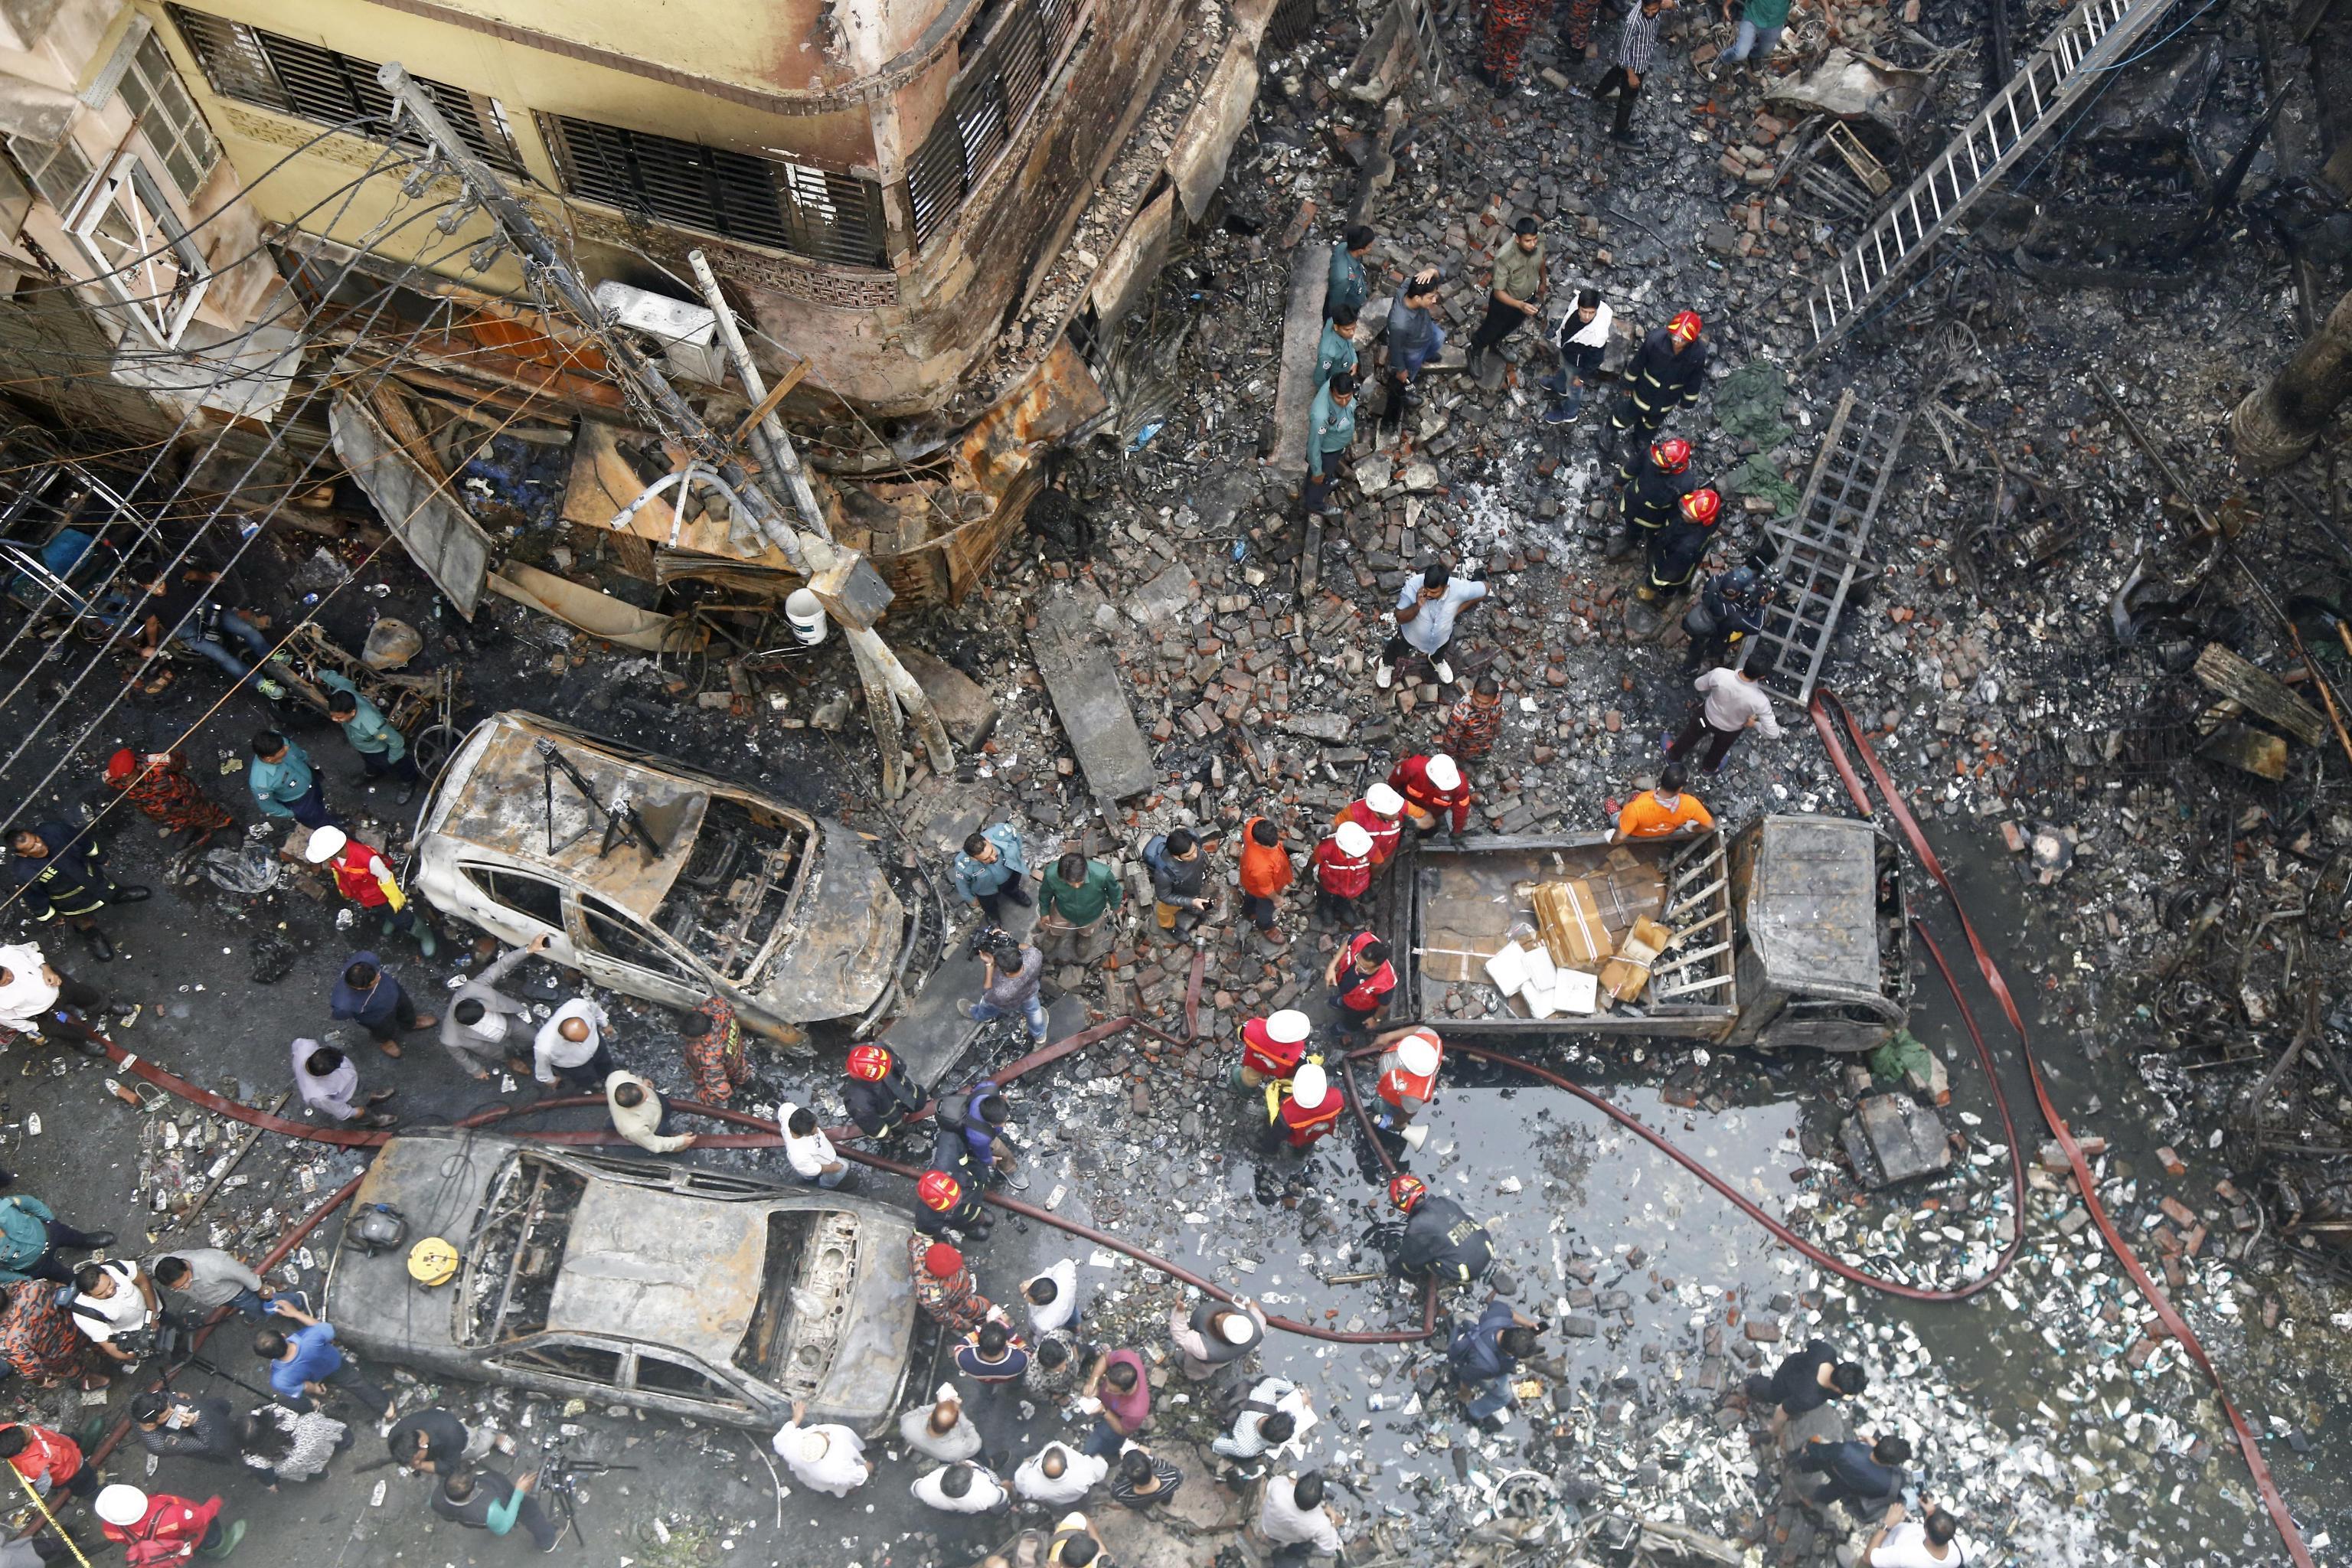 La devastazione causata dall'incendio vista dall'alto